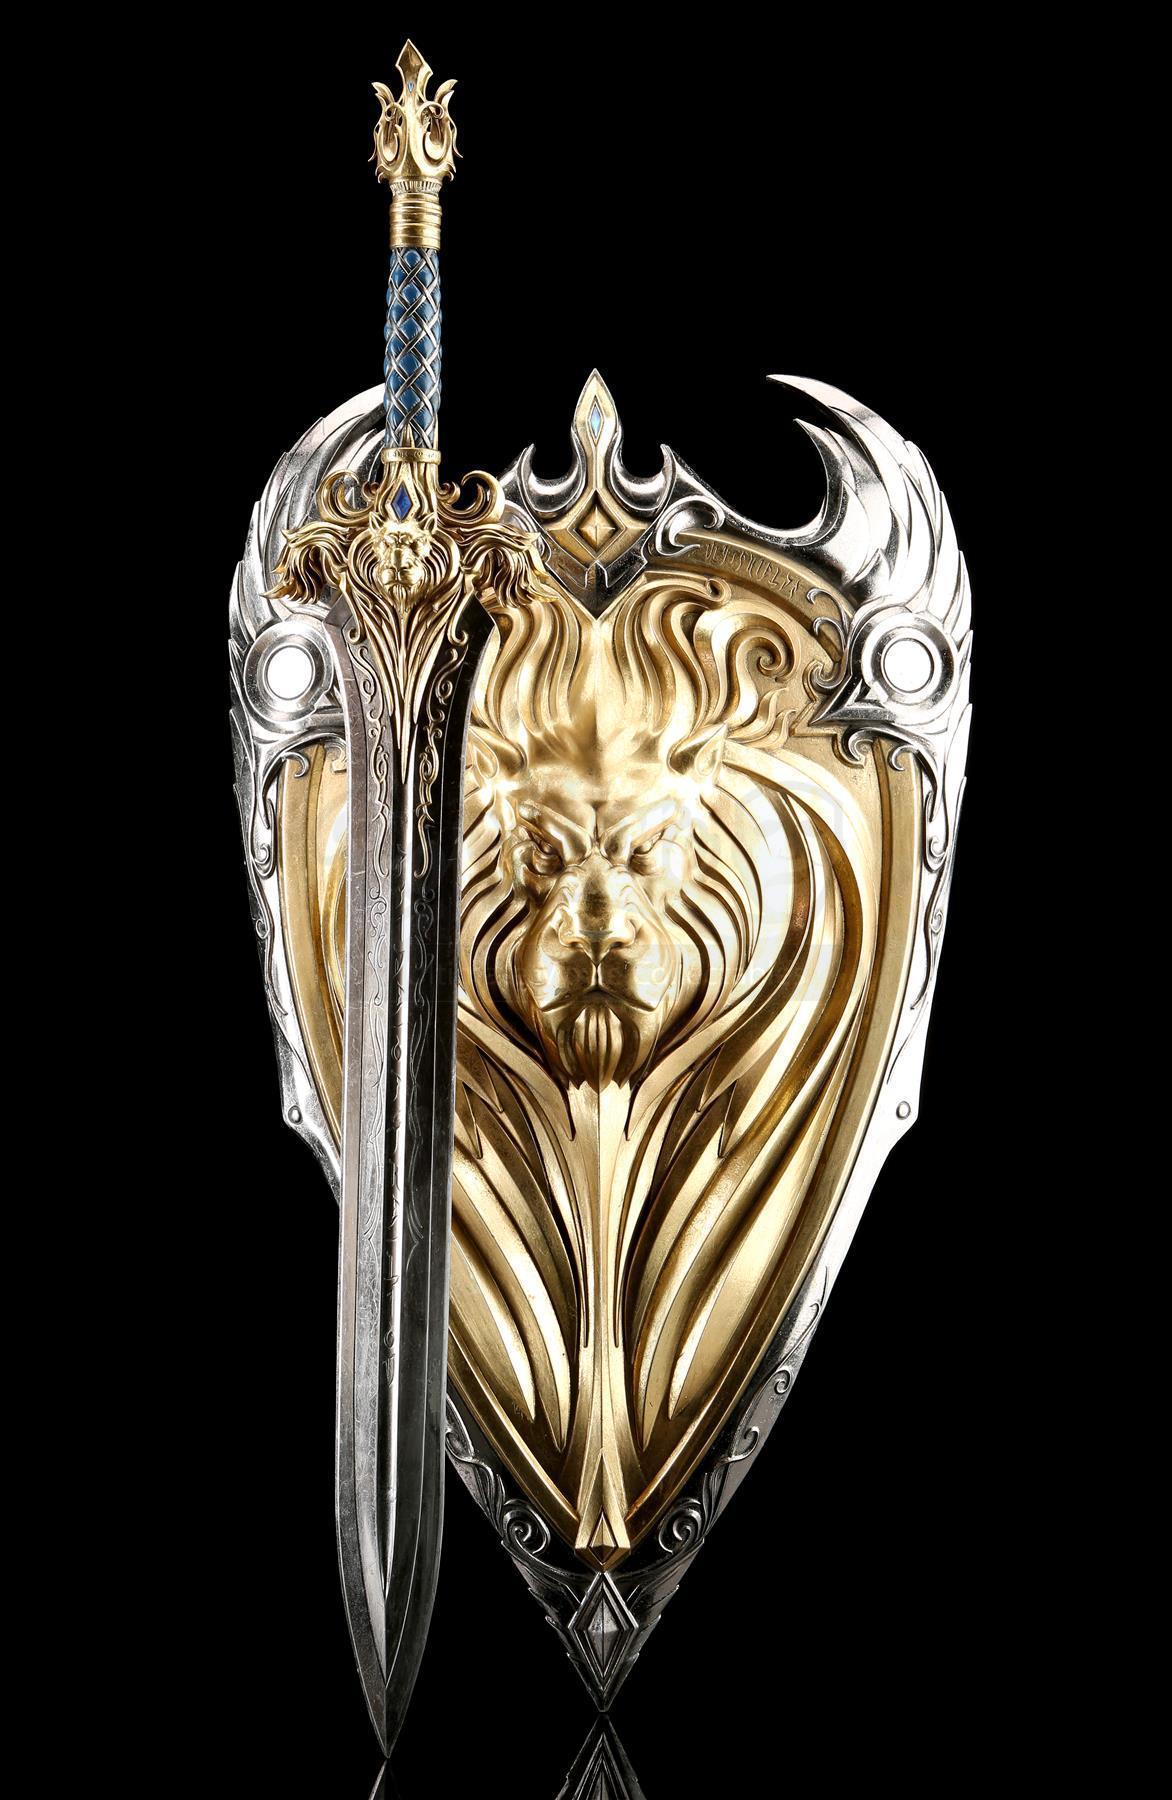 Objet du film Warcraft: Le Commencement mis en vente en juillet 2019 chez Prop Store